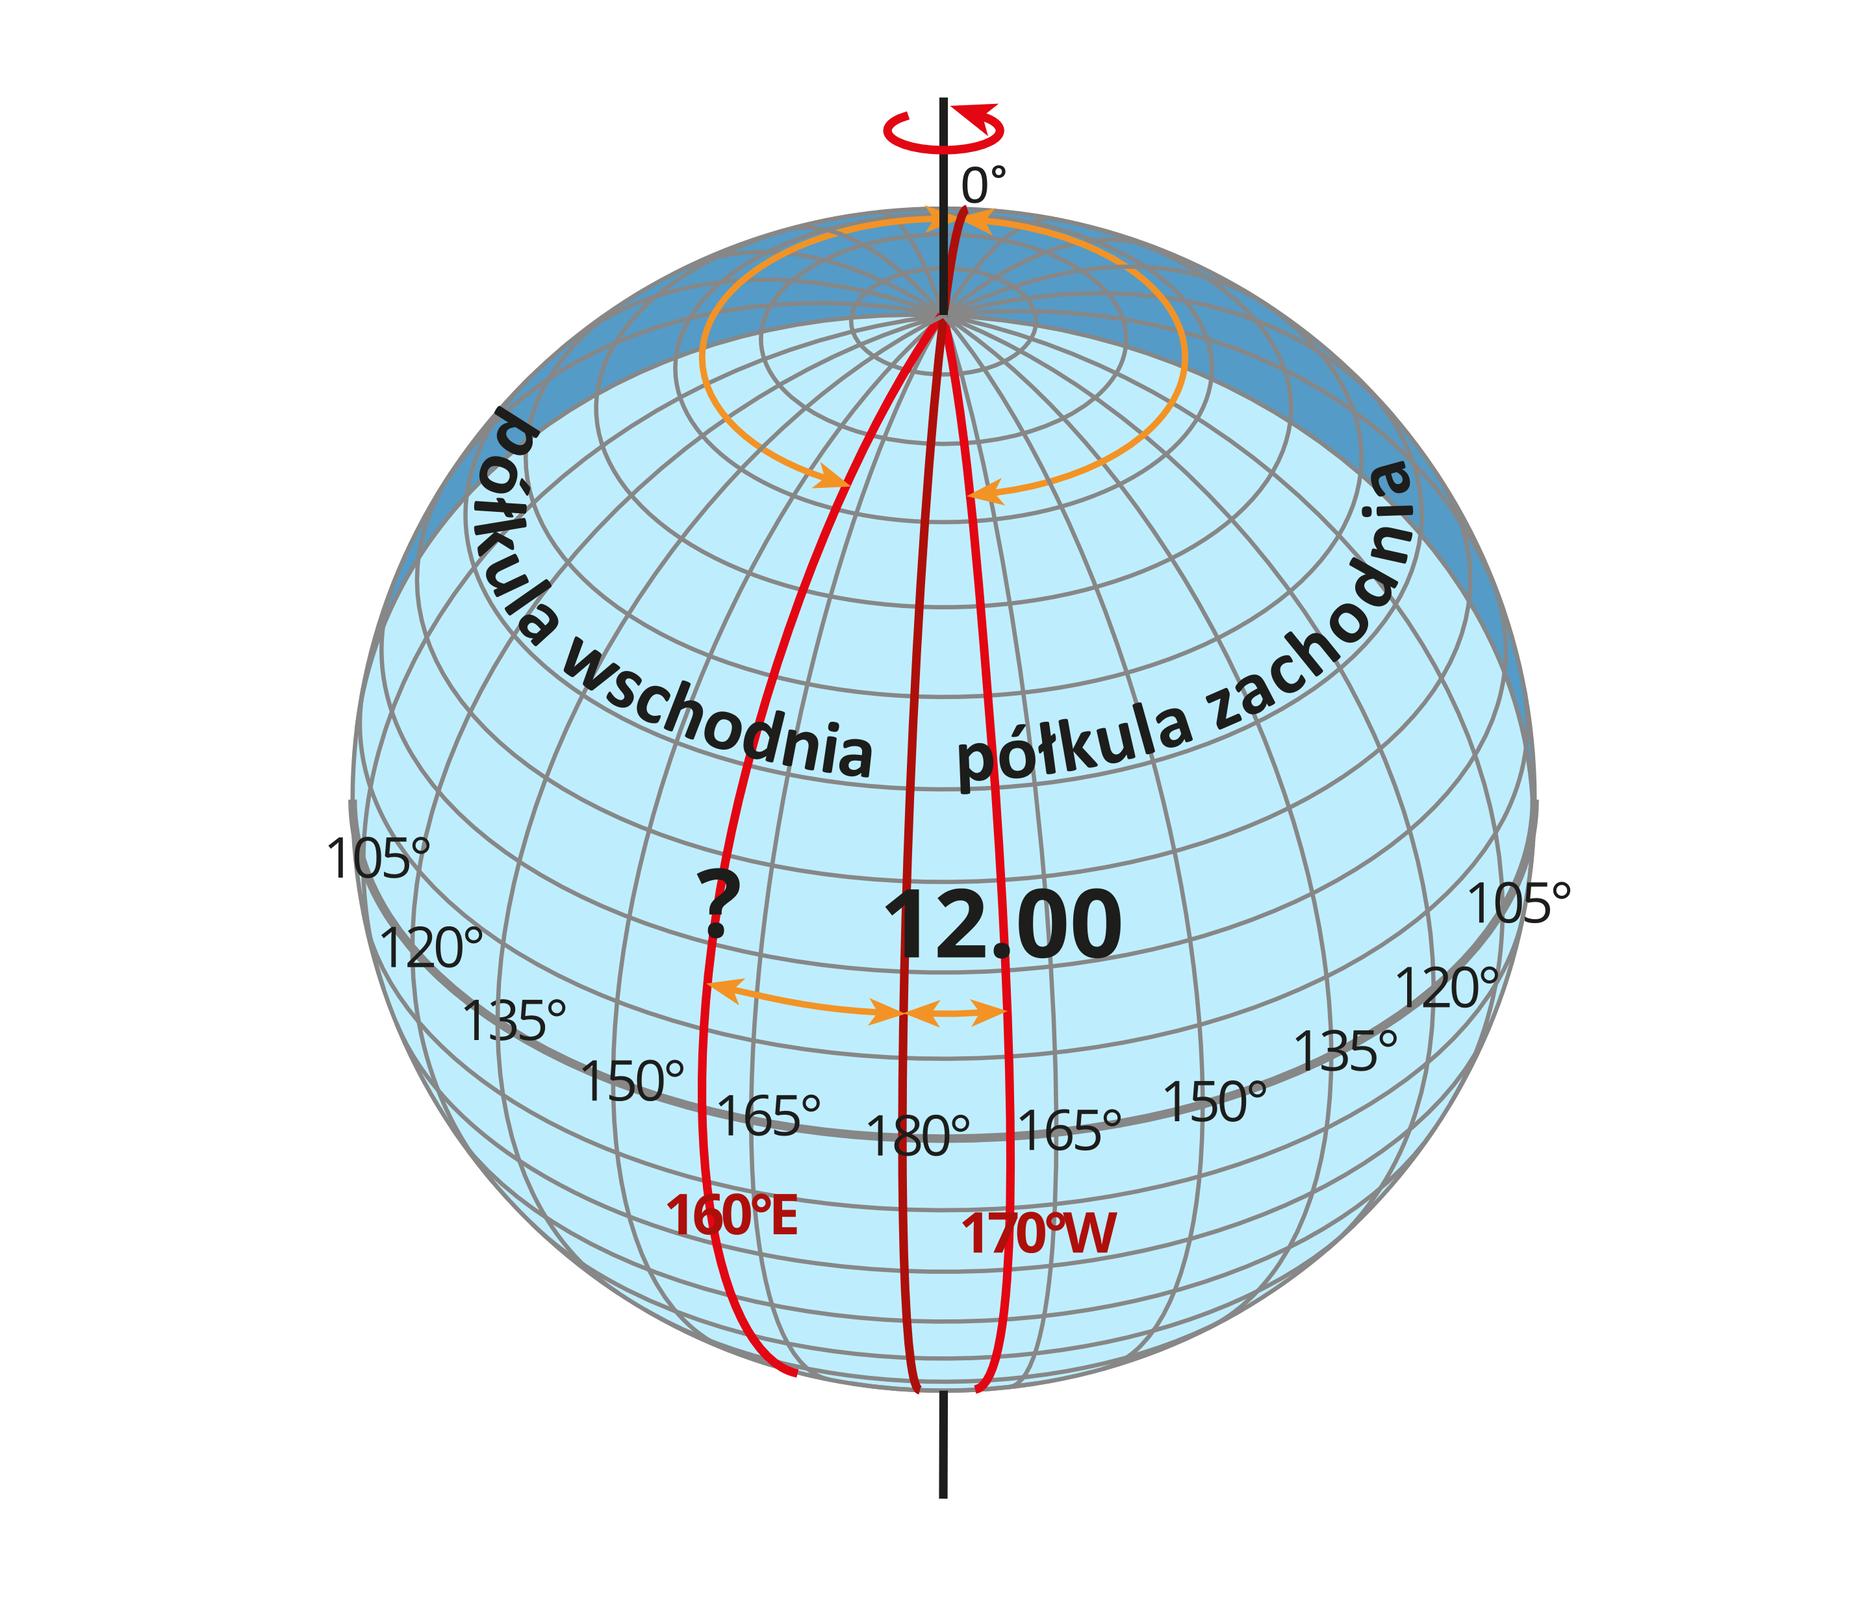 Ilustracja przedstawia glob ziemski. Całą powierzchnię globu pokrywają linie południków irównoleżników. Czarna pionowa linia wyznacza oś Ziemi. Jeden zpołudników wyróżnionych czerwonym kolorem przecina równik wpunkcie sto osiemdziesiąt stopni. Powyżej napisy. Lewa półkula to półkula wschodnia. Prawa półkula to półkula zachodnia. Linia równika dzieli glob na część południową ipółnocną. Pionowe linie południków oddalone są od siebie co piętnaście stopni. Są jeszcze dwa południki oznaczone czerwoną linią. Na prawej półkuli jeden znich przechodzi przez równik wpunkcie sto siedemdziesiąt stopni. Na lewej półkuli, czerwona linia drugiego południka przecina równik wpunkcie sto sześćdziesiąt stopni. Dwie poziome strzałki wskazują grotami odległość pomiędzy lewym południkiem ipołudnikiem sto osiemdziesiąt stopni oraz prawym południkiem ipołudnikiem sto osiemdziesiąt stopni. Powyżej równika opisana godzina dwunasta umieszczona na południku przechodzącym przez sto siedemdziesiąt stopni.